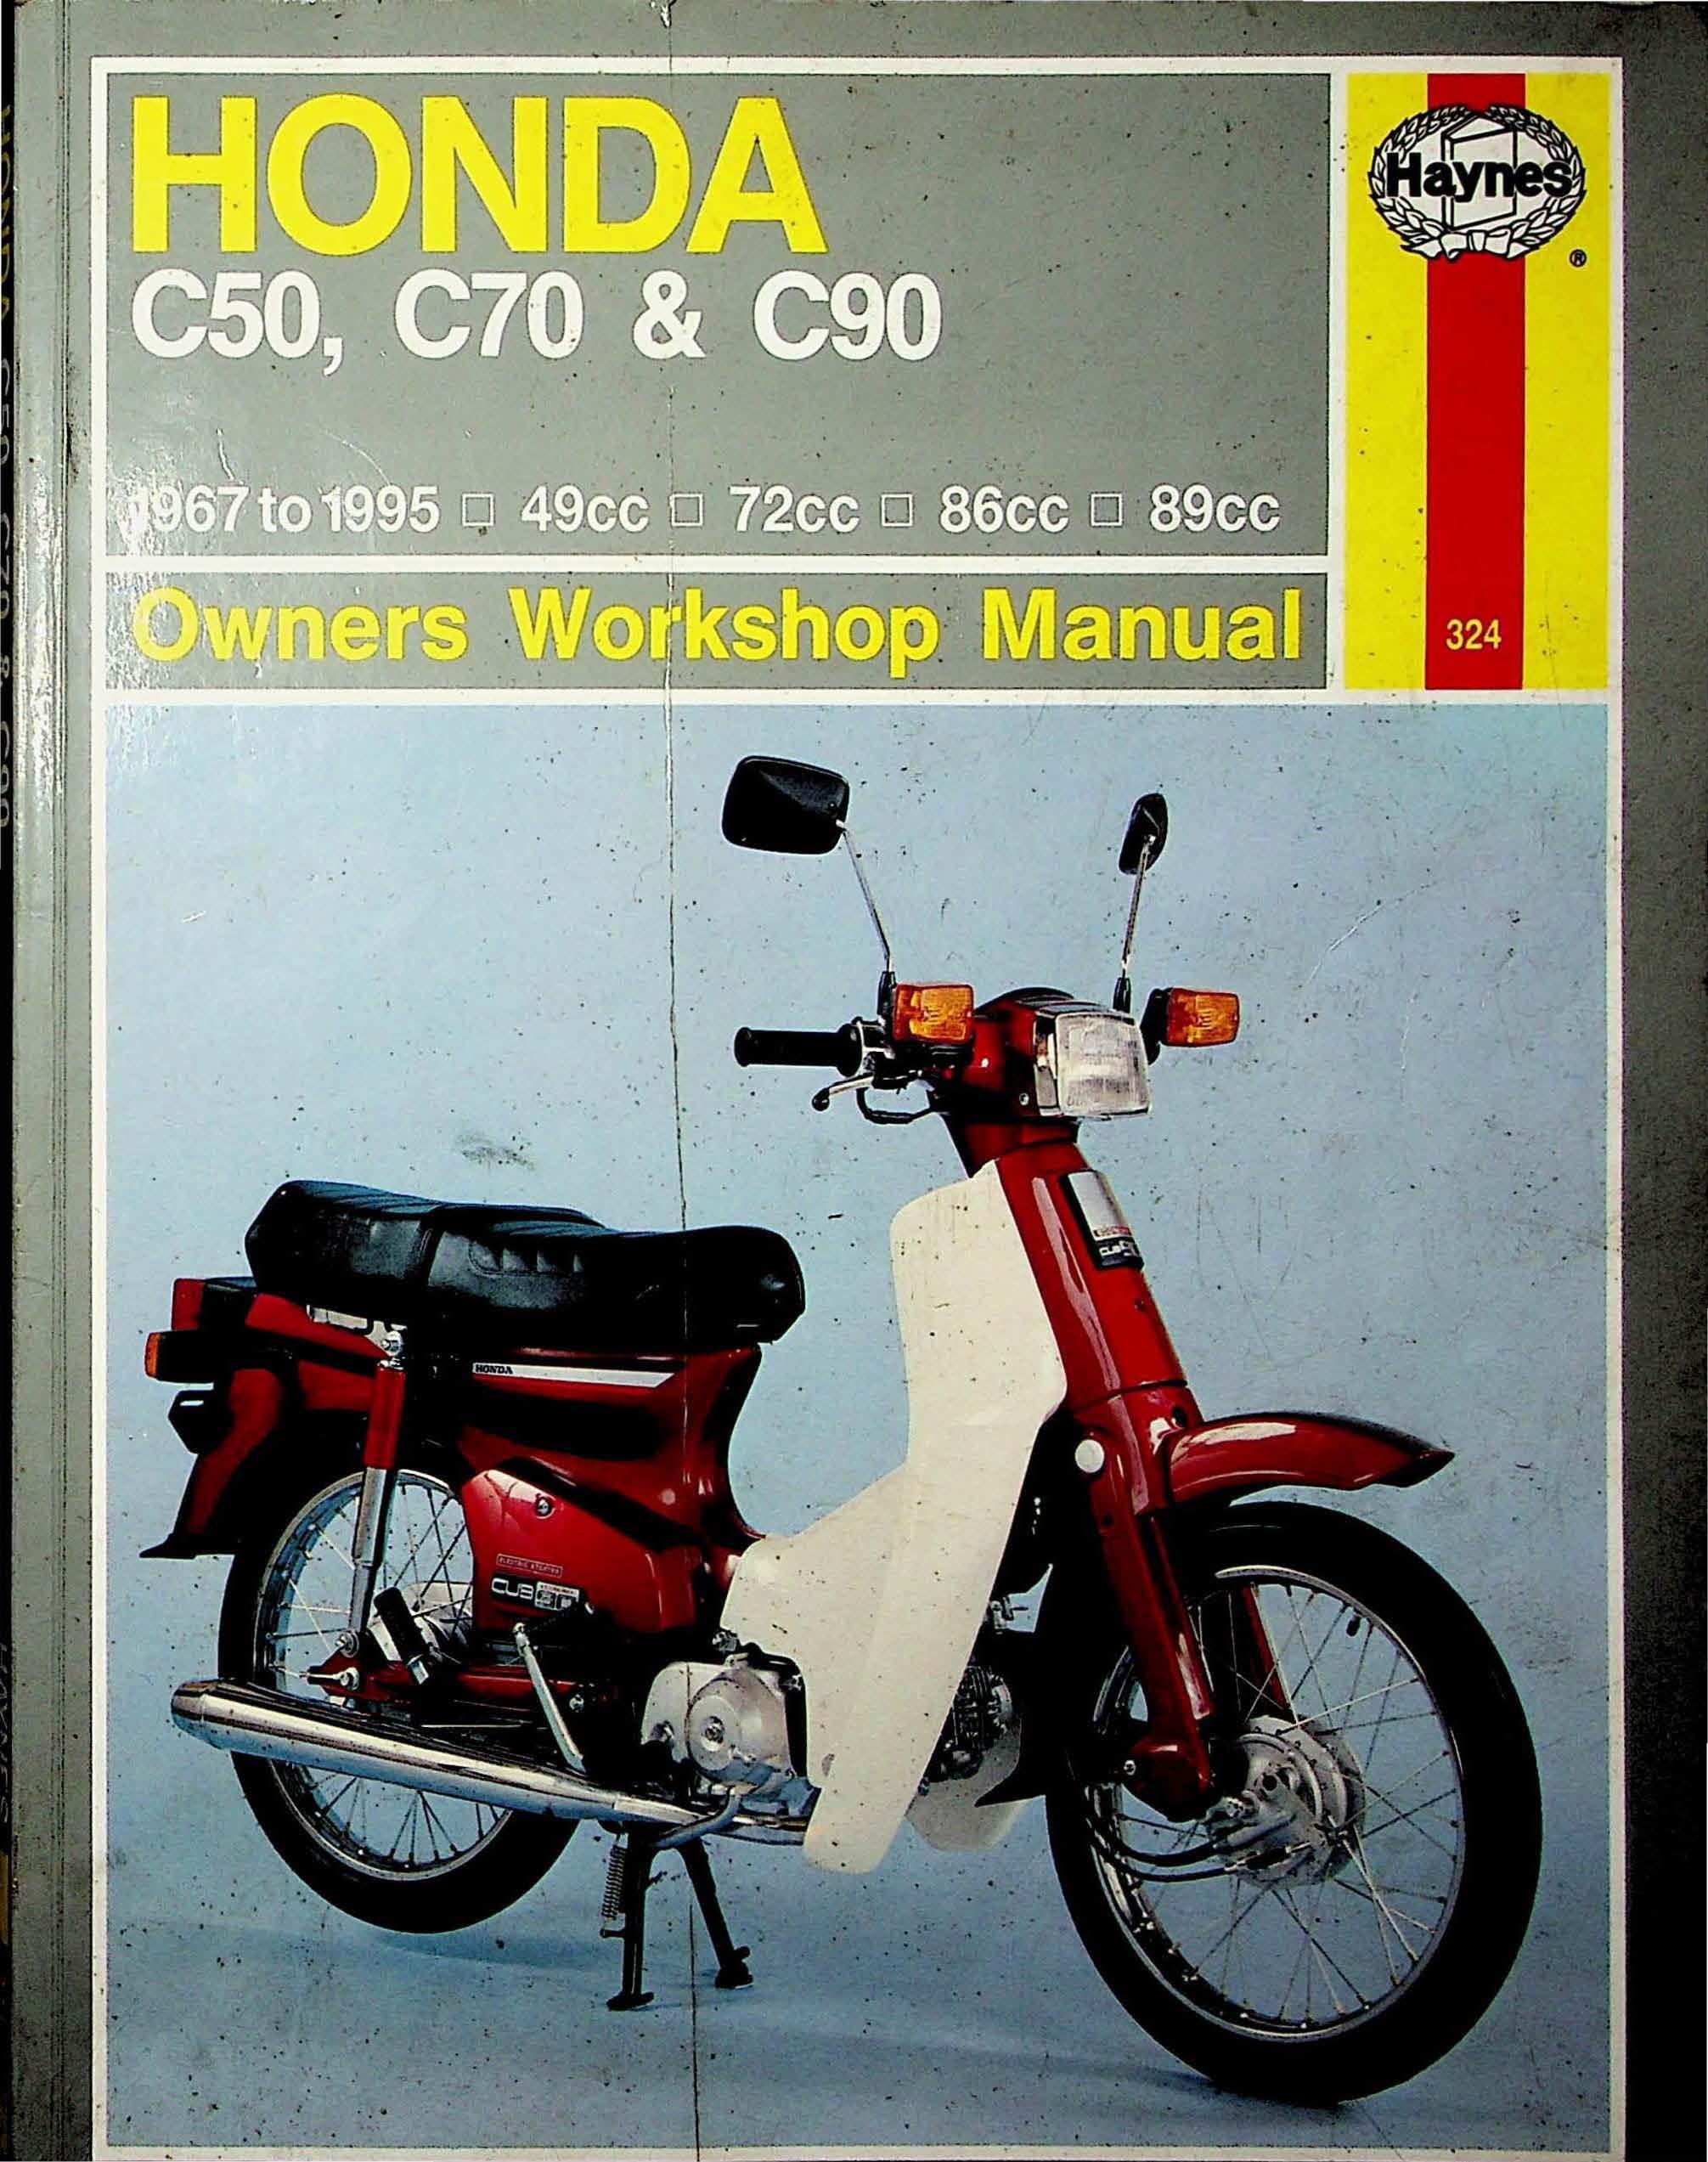 Workshop manual for Honda C70 (1967-1995)